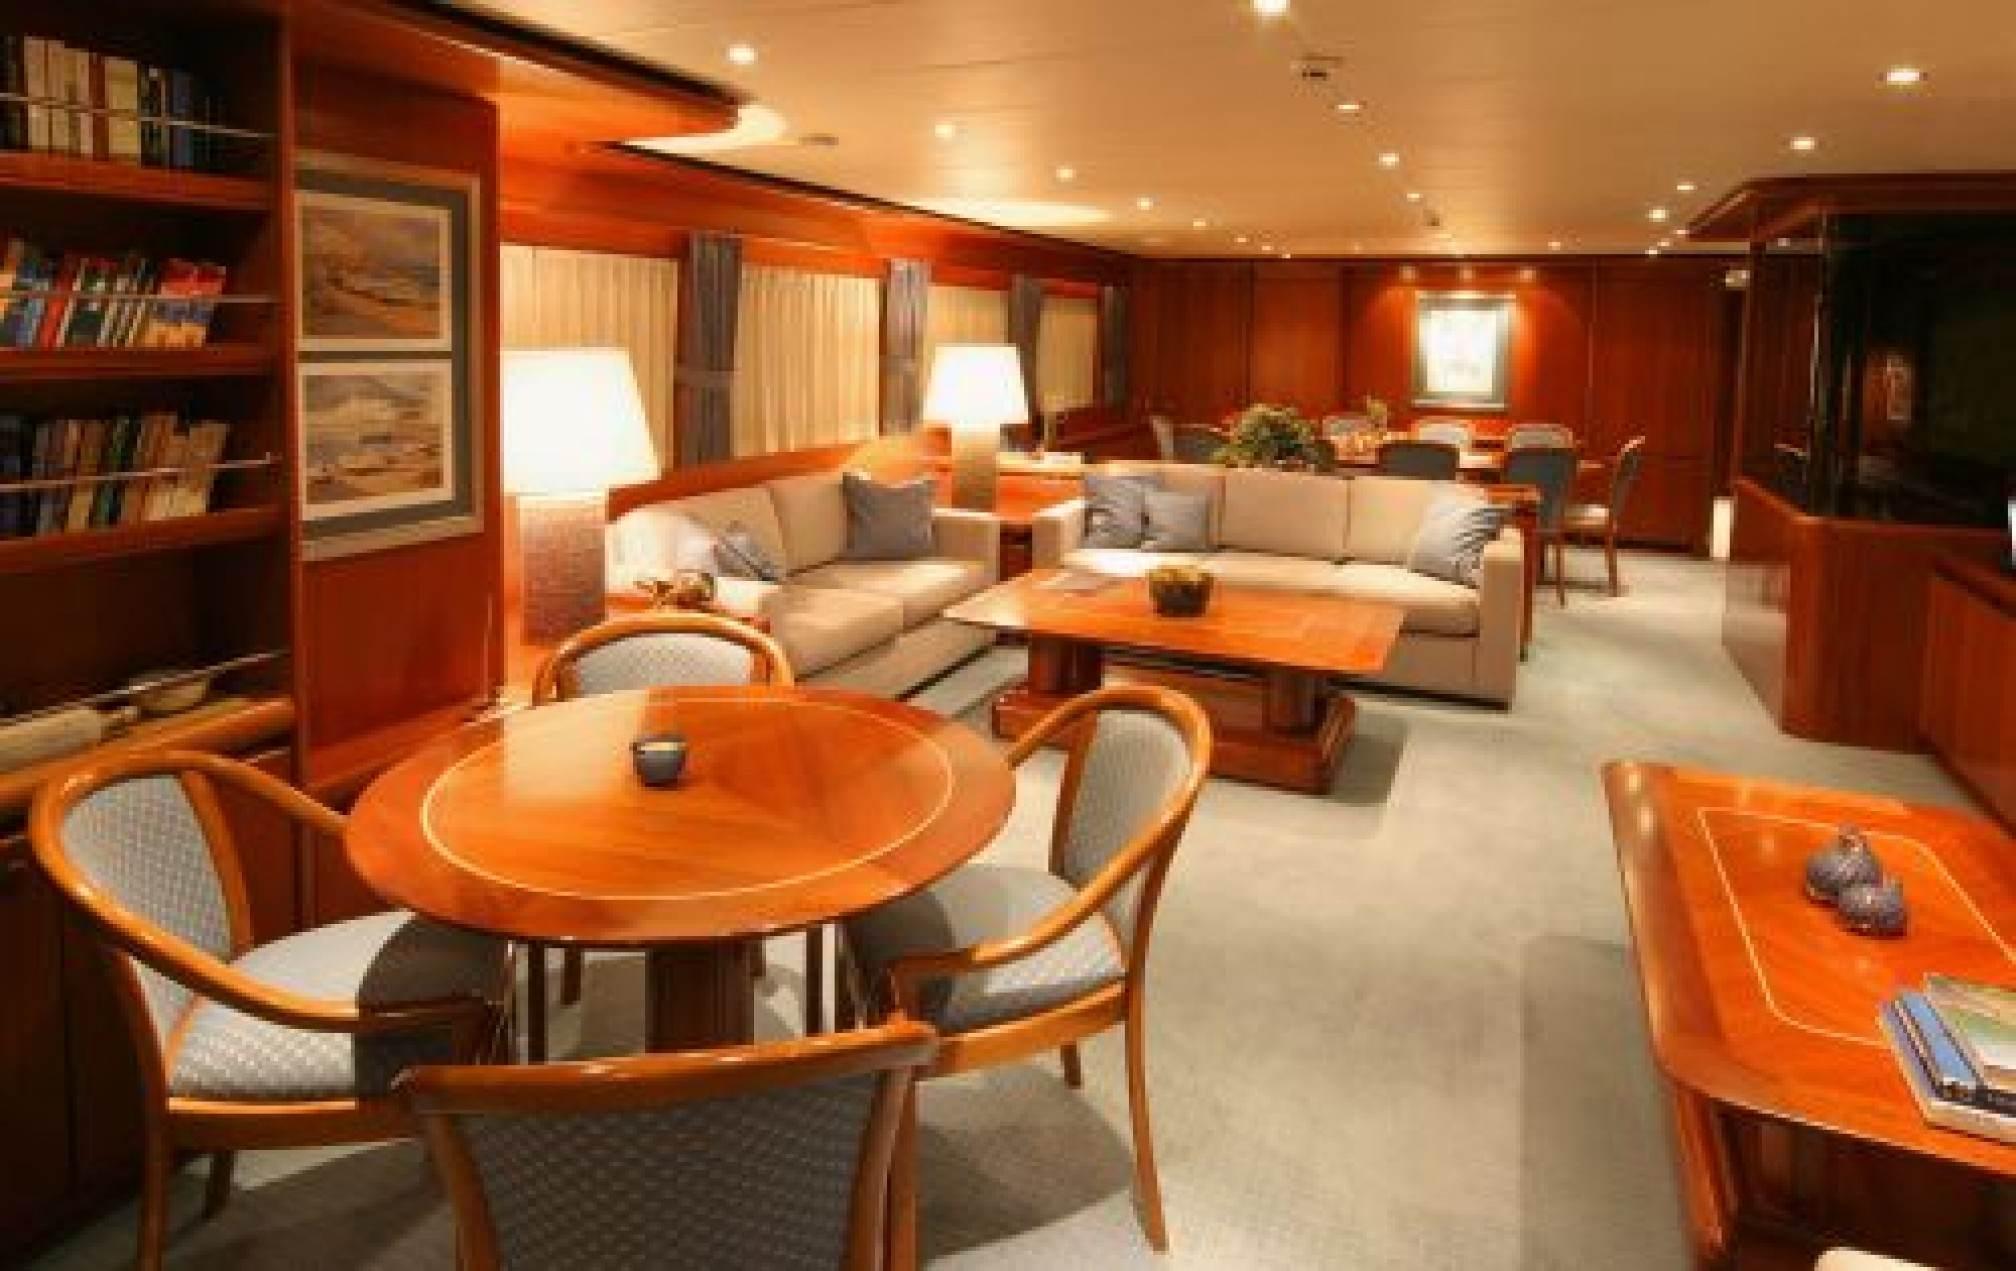 Hessen 115 yacht charter salon